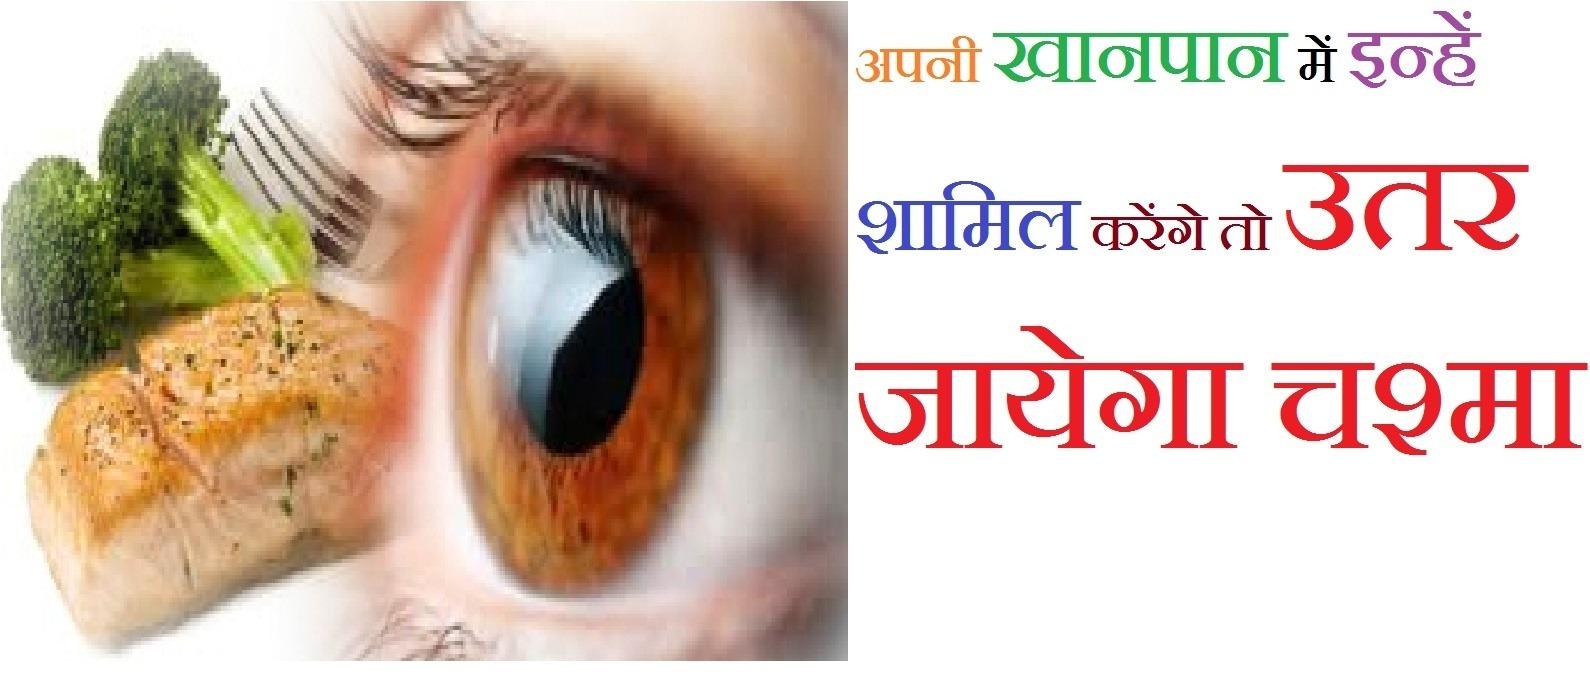 आंखों के लिए आहार